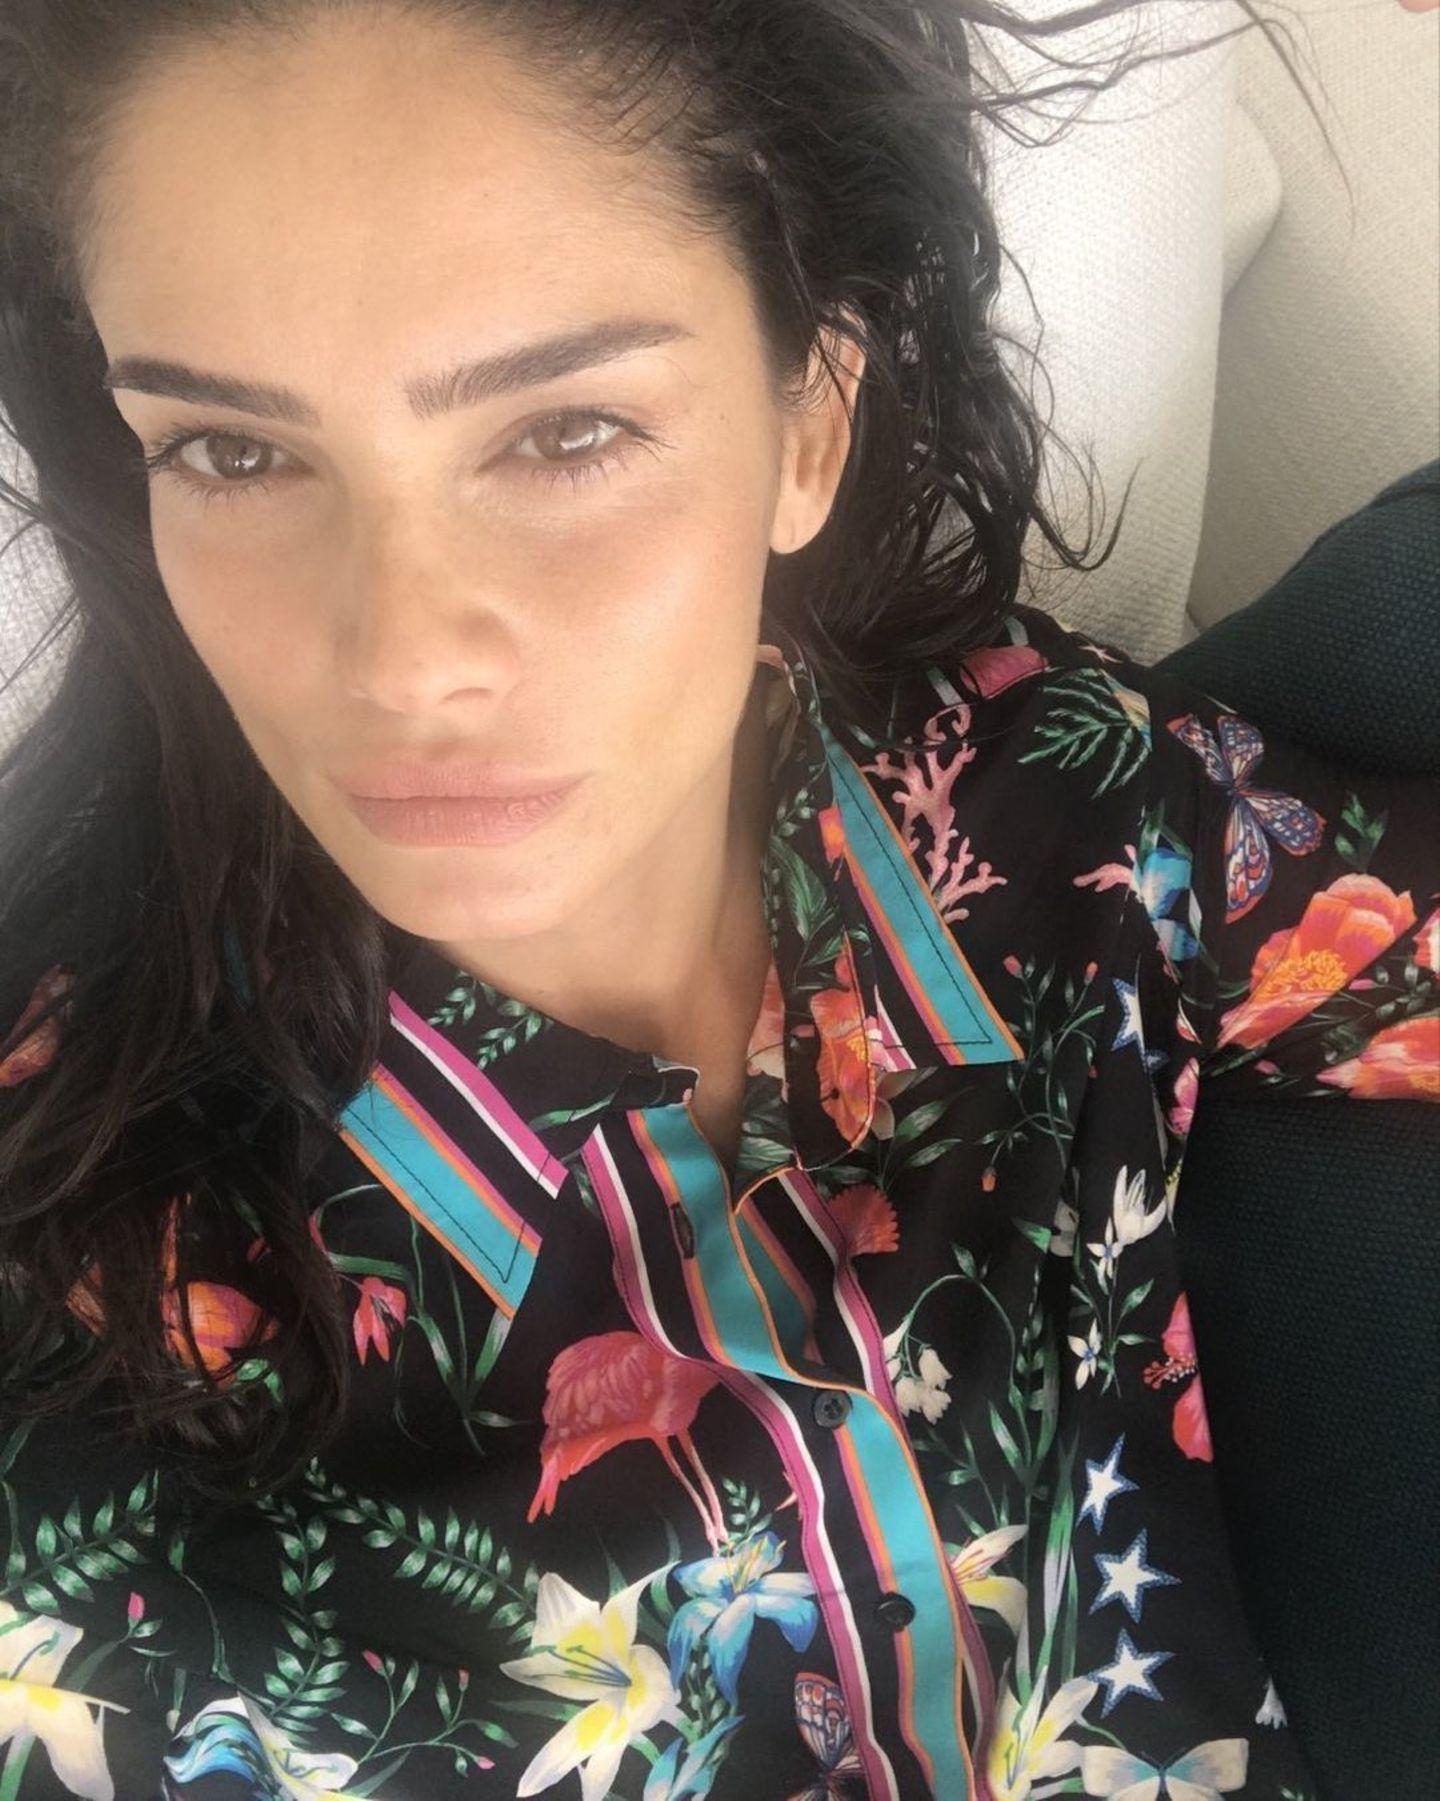 Shermine Shahrivar begeistert ihre Follower mit diesem ungeschminkten Selfie – den Glow hätten wir auch gerne!